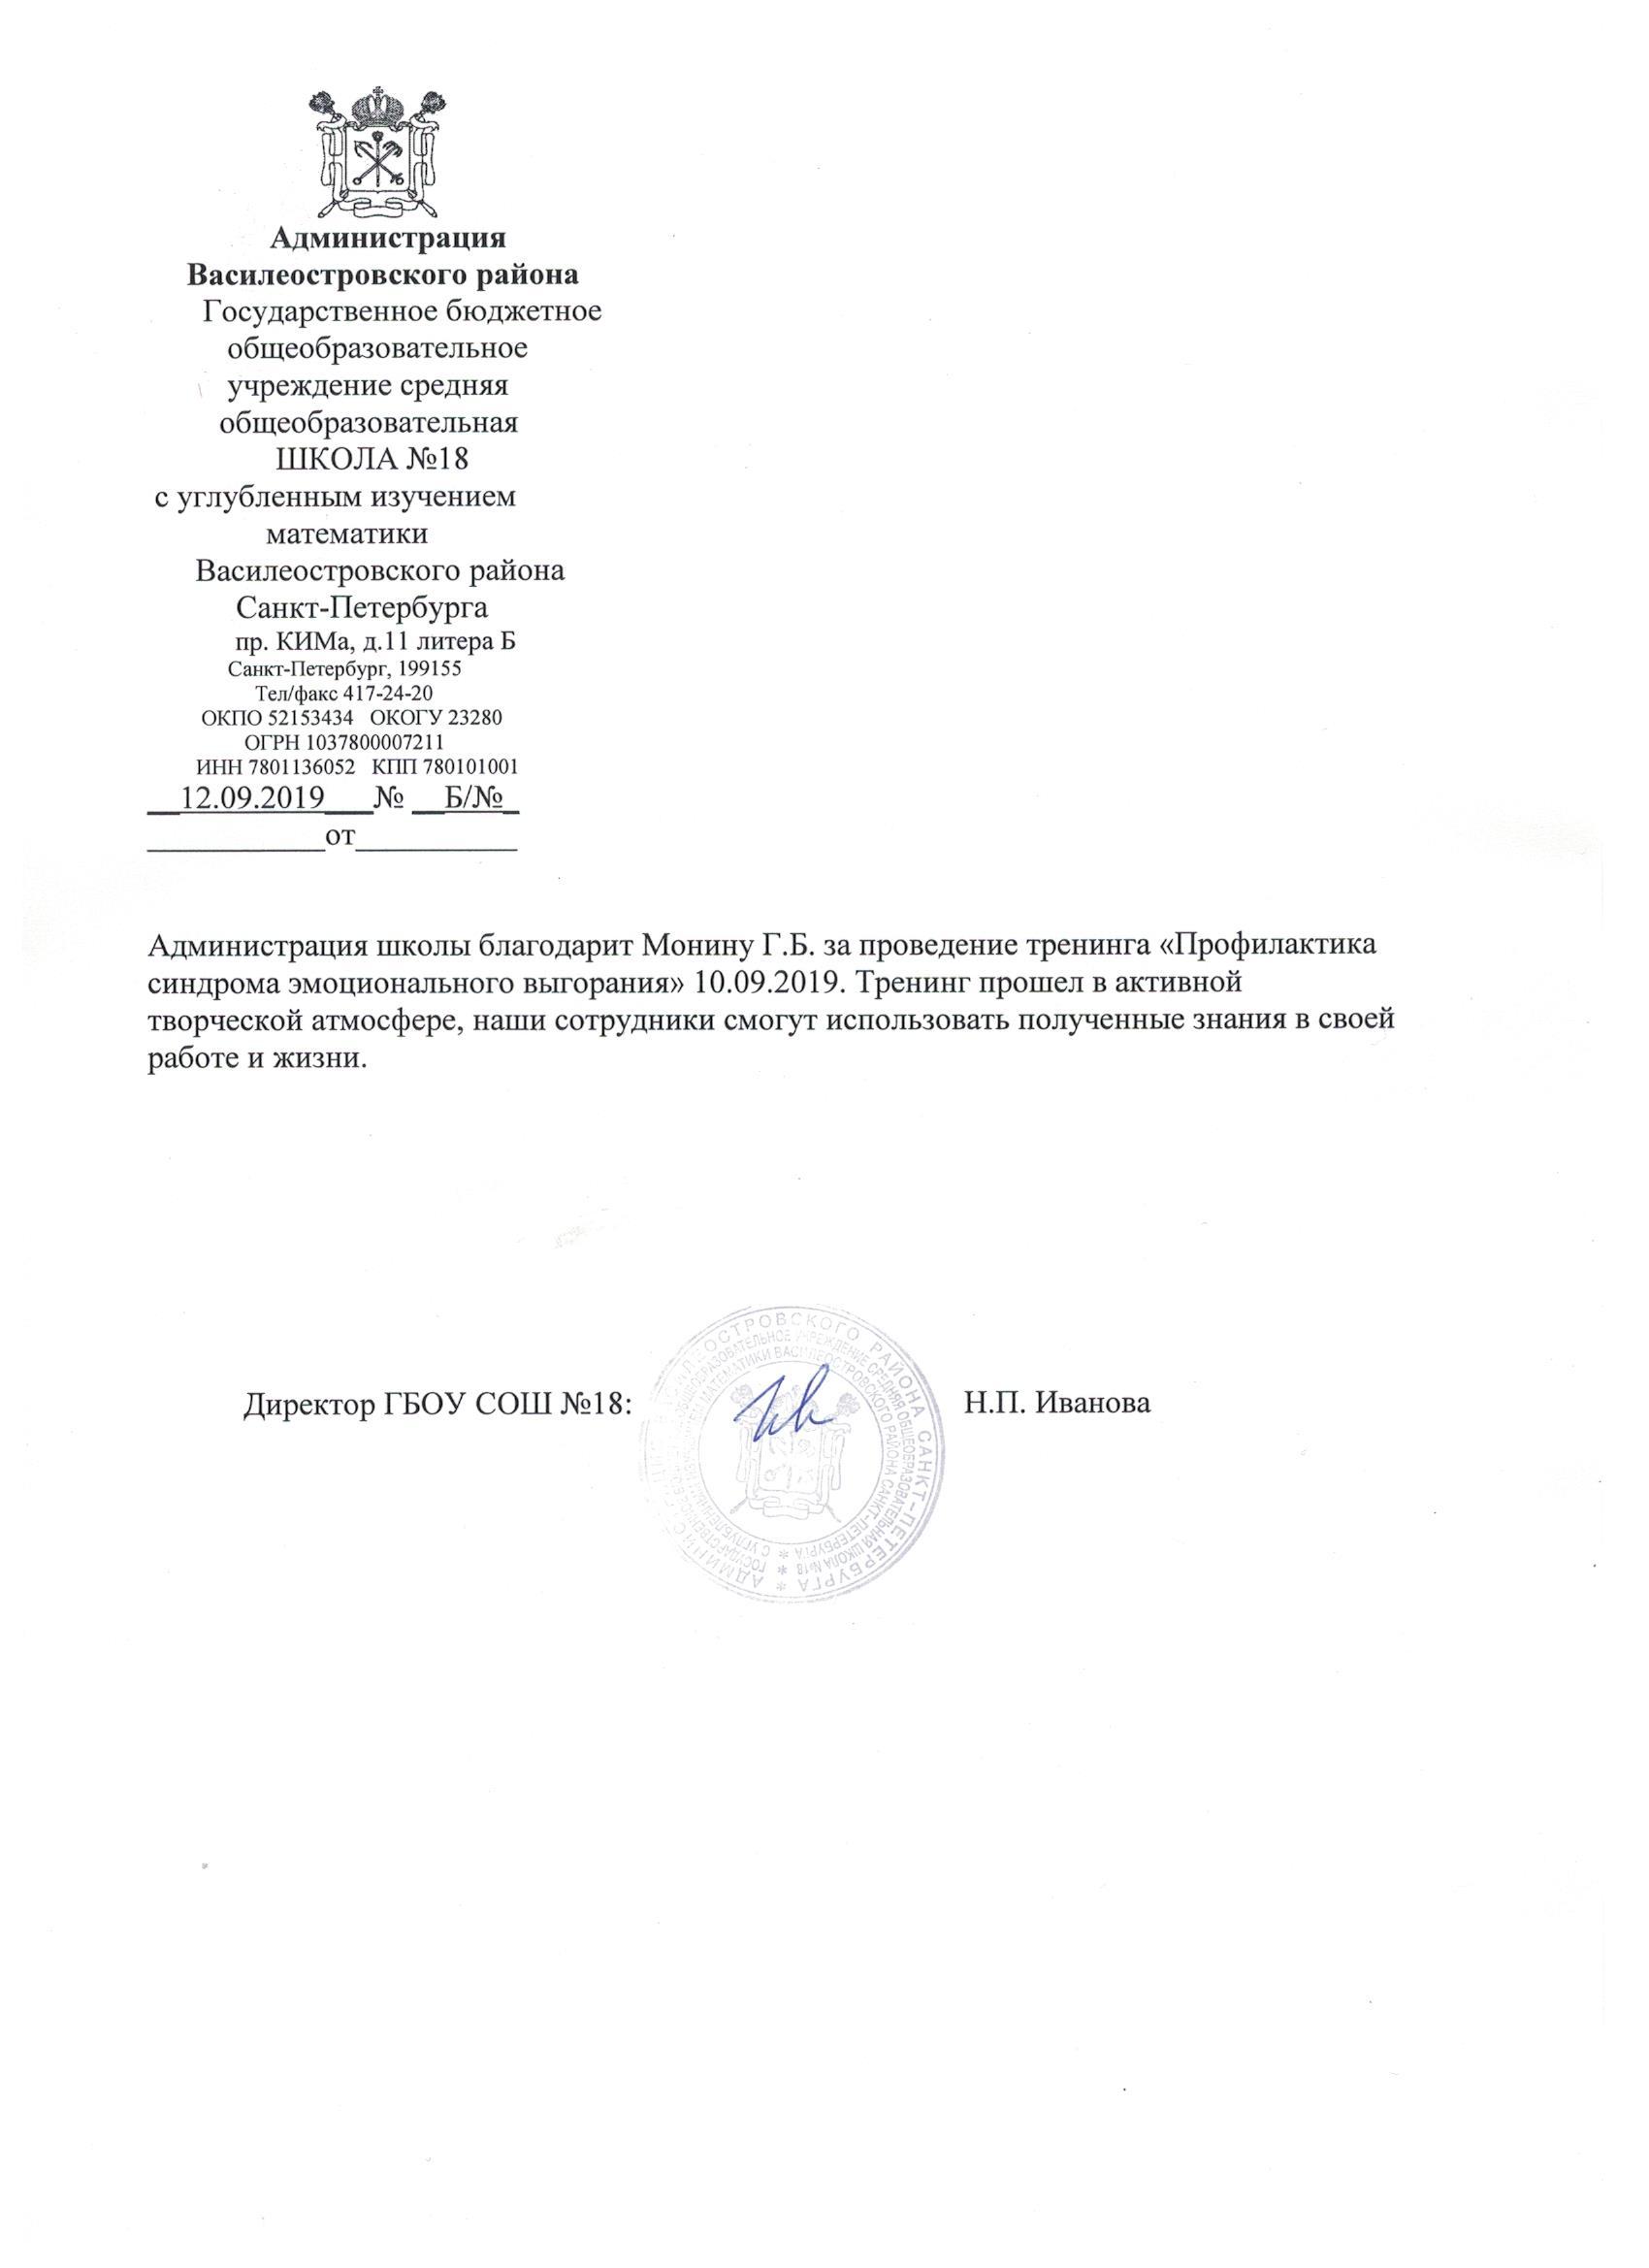 Благодарность администрация Василеостровского Района Школа №18